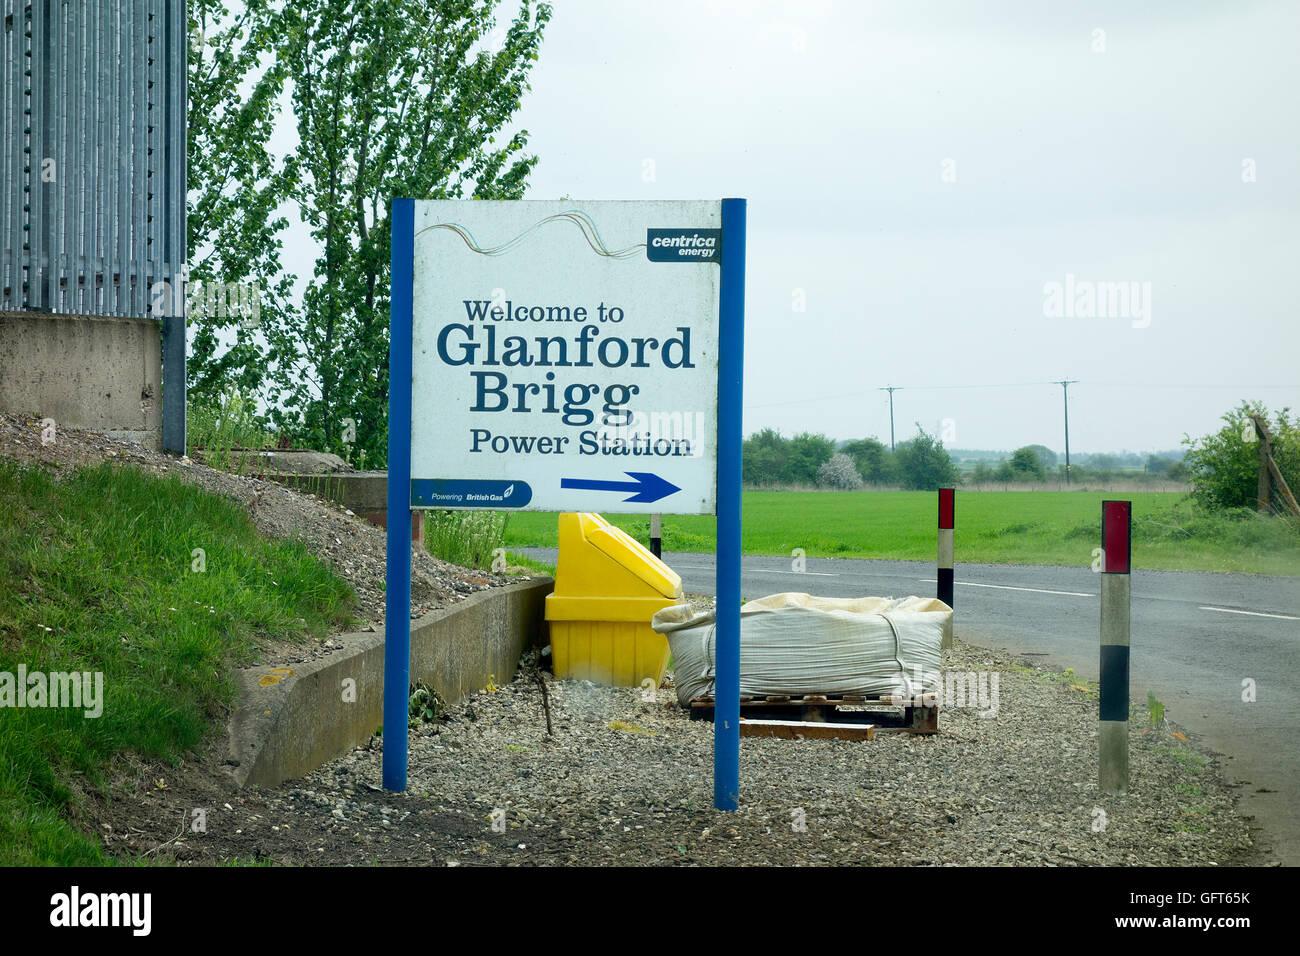 Glanford Brigg Power Station Centrica Energy British Gas Brigg England - Stock Image